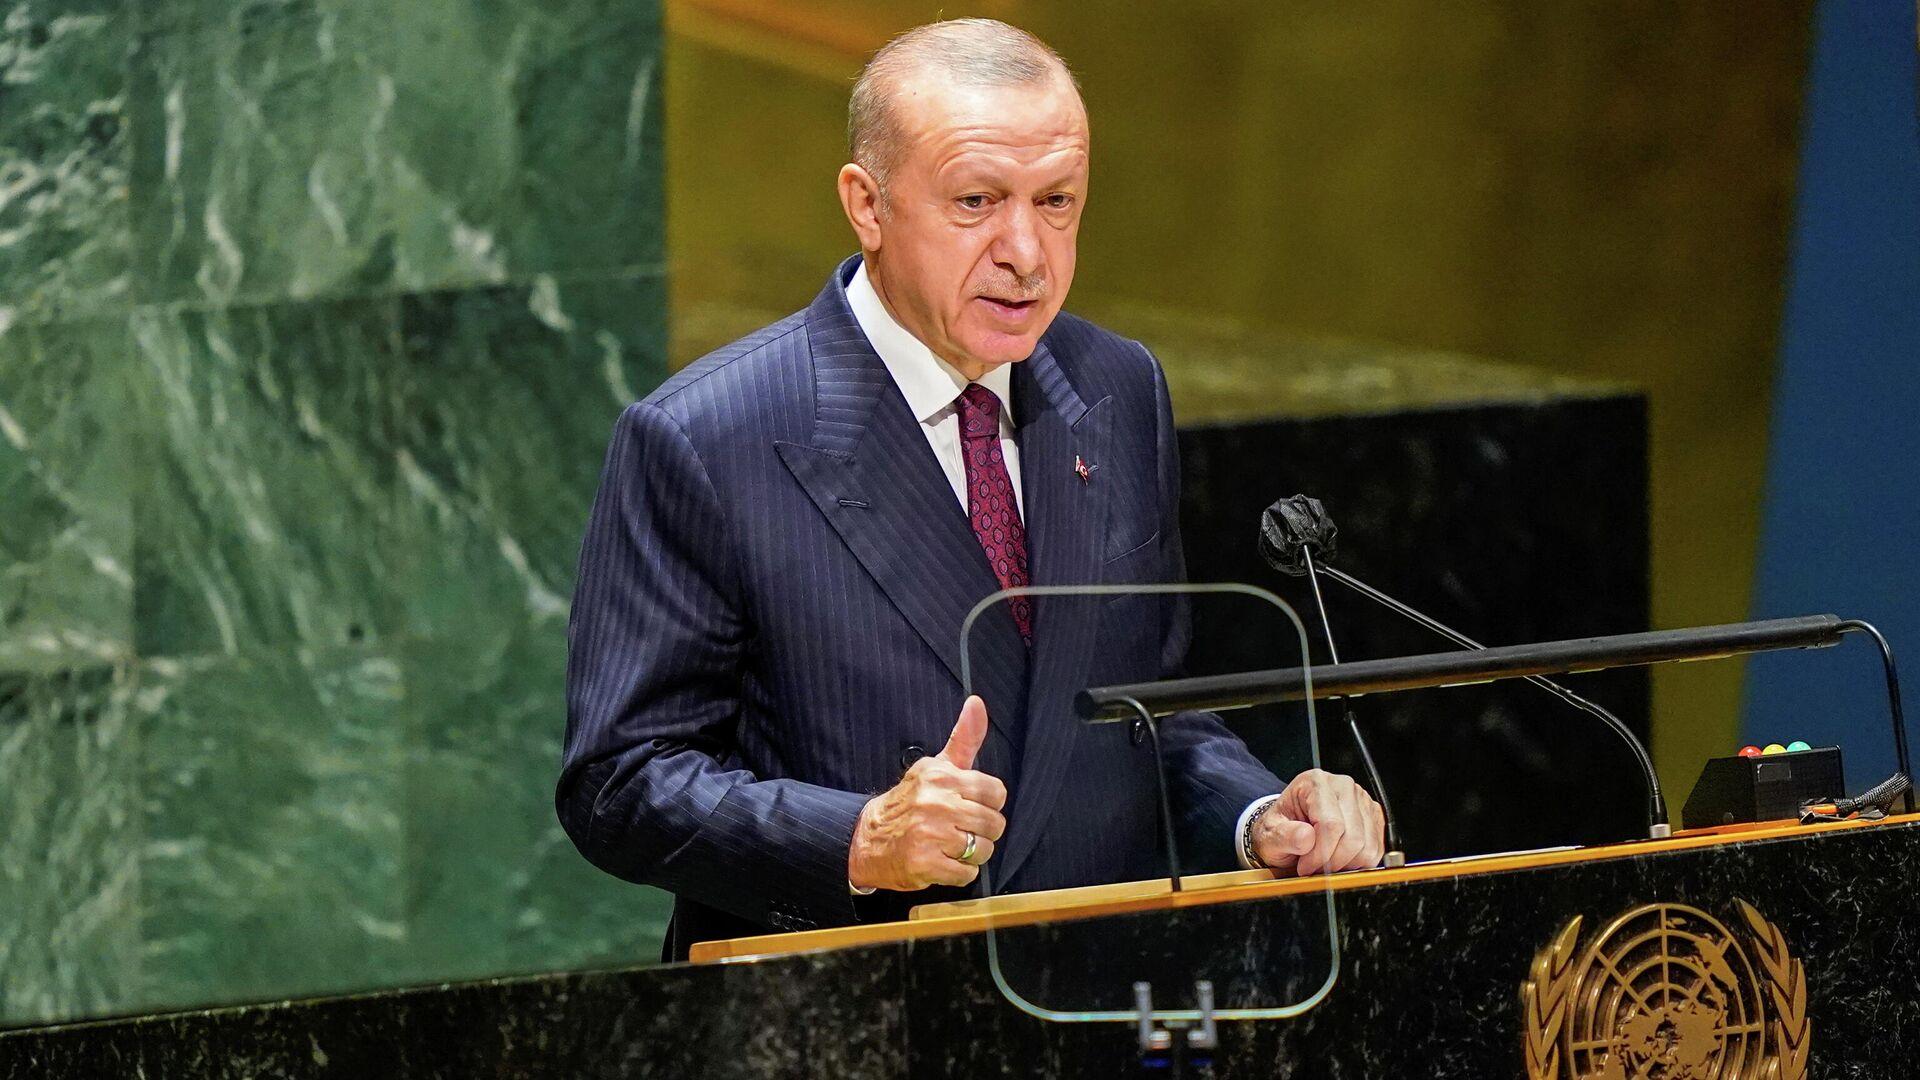 Президент Турции Тайип Эрдоган выступает на сессии Генеральной Ассамблеи ООН в Нью-Йорке - РИА Новости, 1920, 26.09.2021